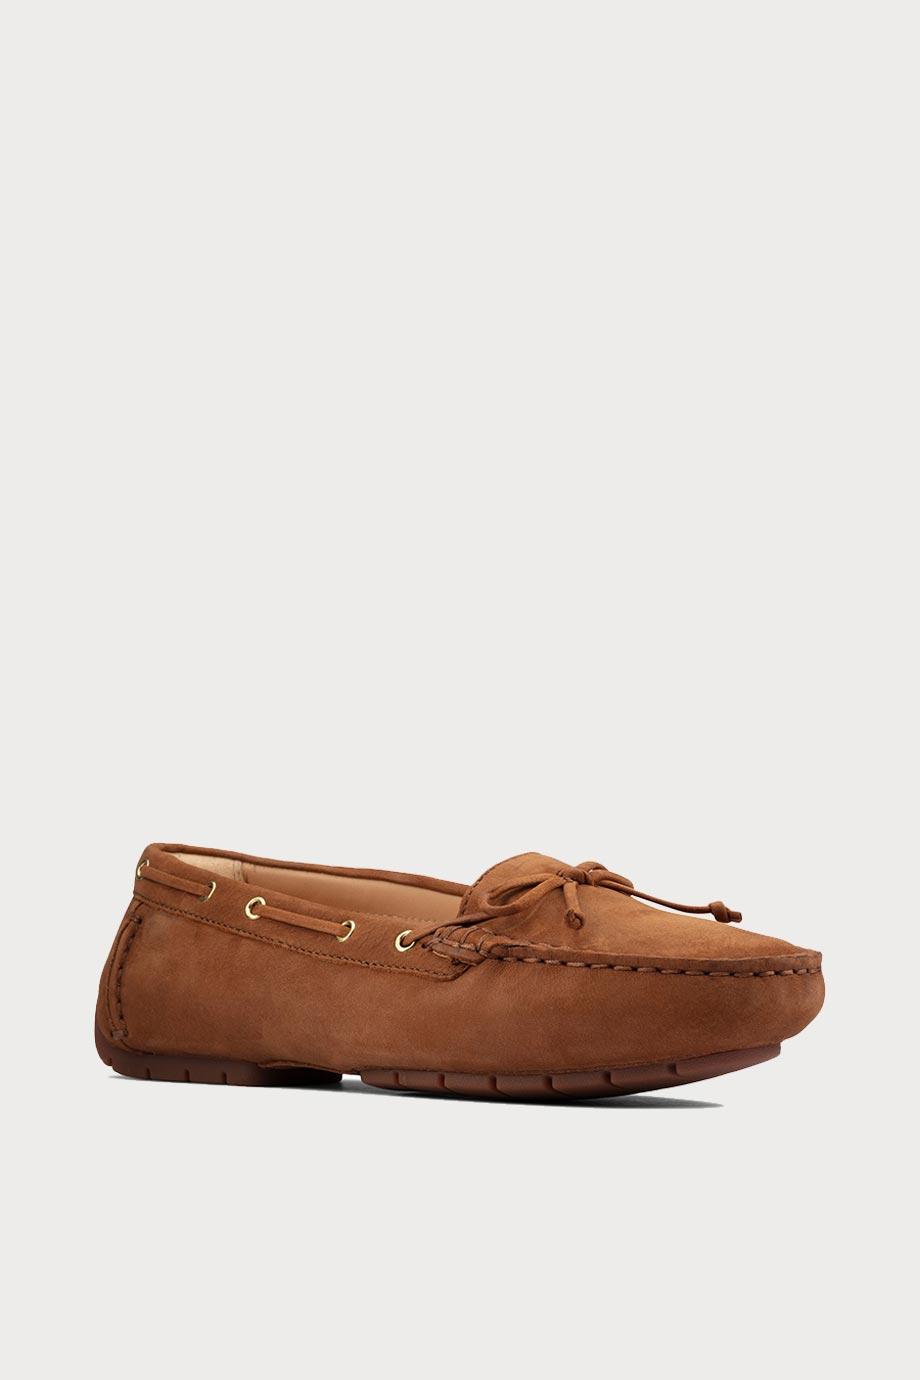 spiridoula metheniti shoes xalkida p c mocc boat 2 tan leather clarks 2